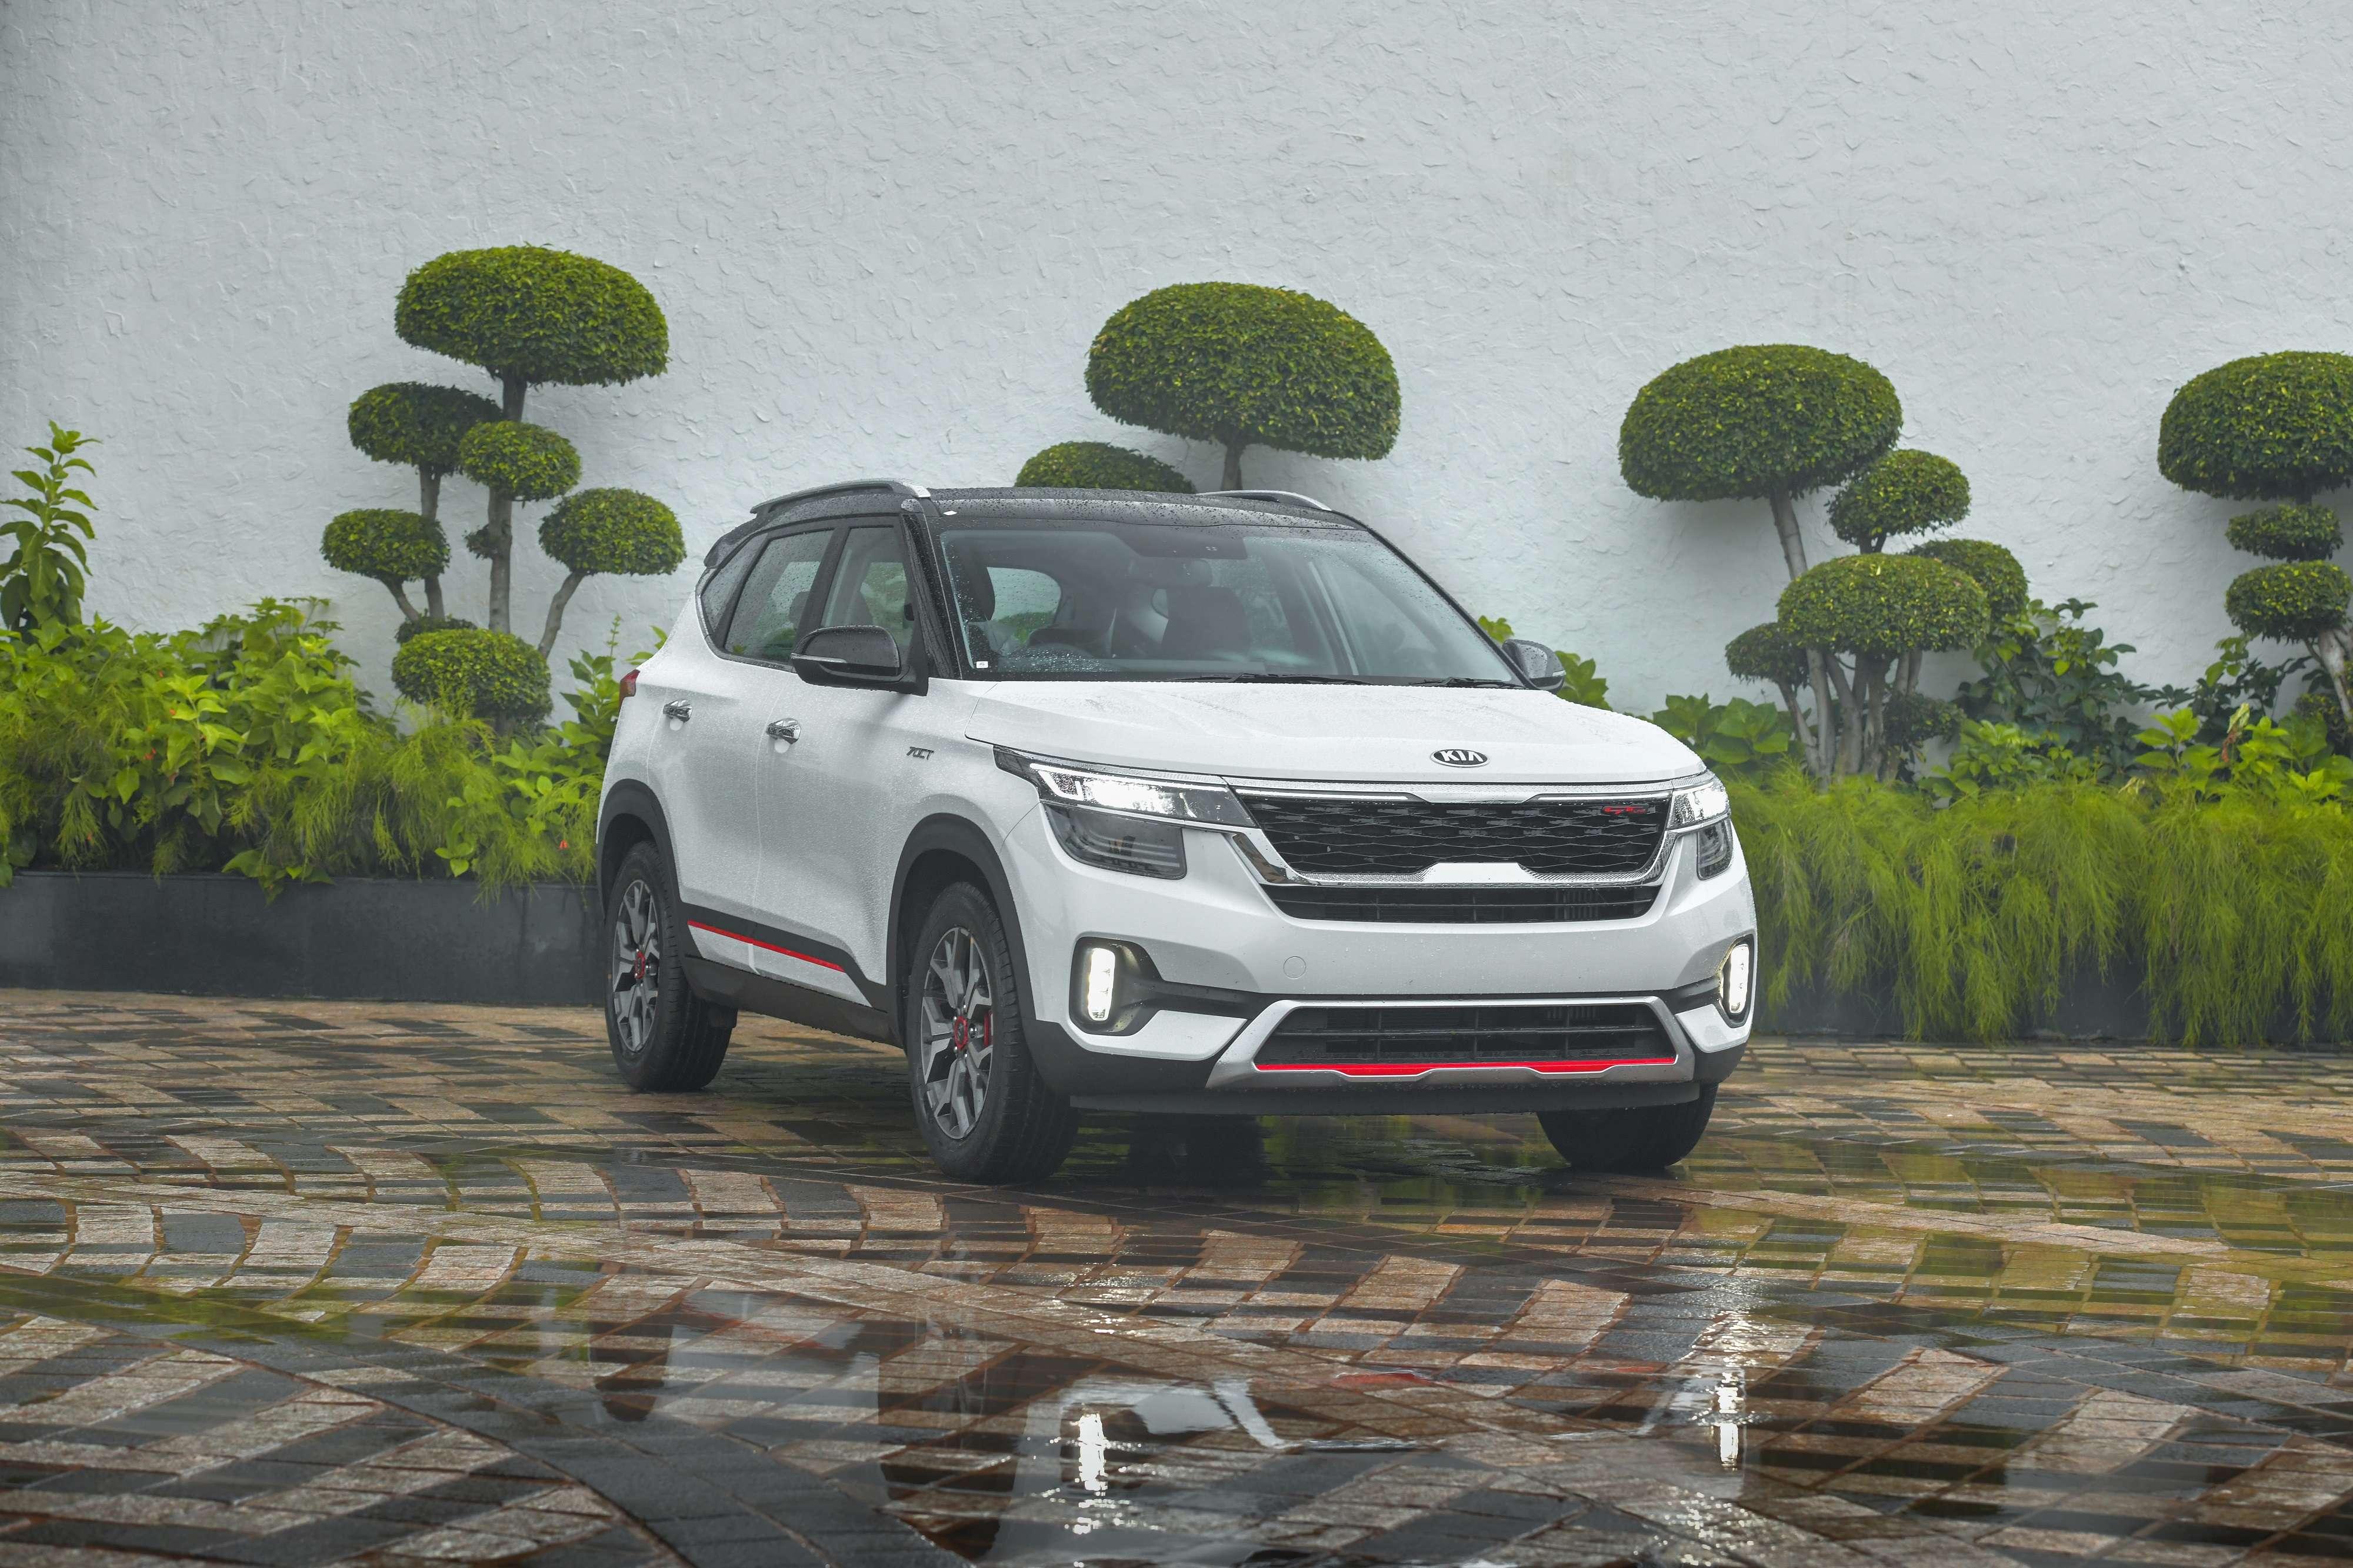 Kia Seltos Review Kia Seltos First Drive Review A New Benchmark In The Segment Auto News Et Auto